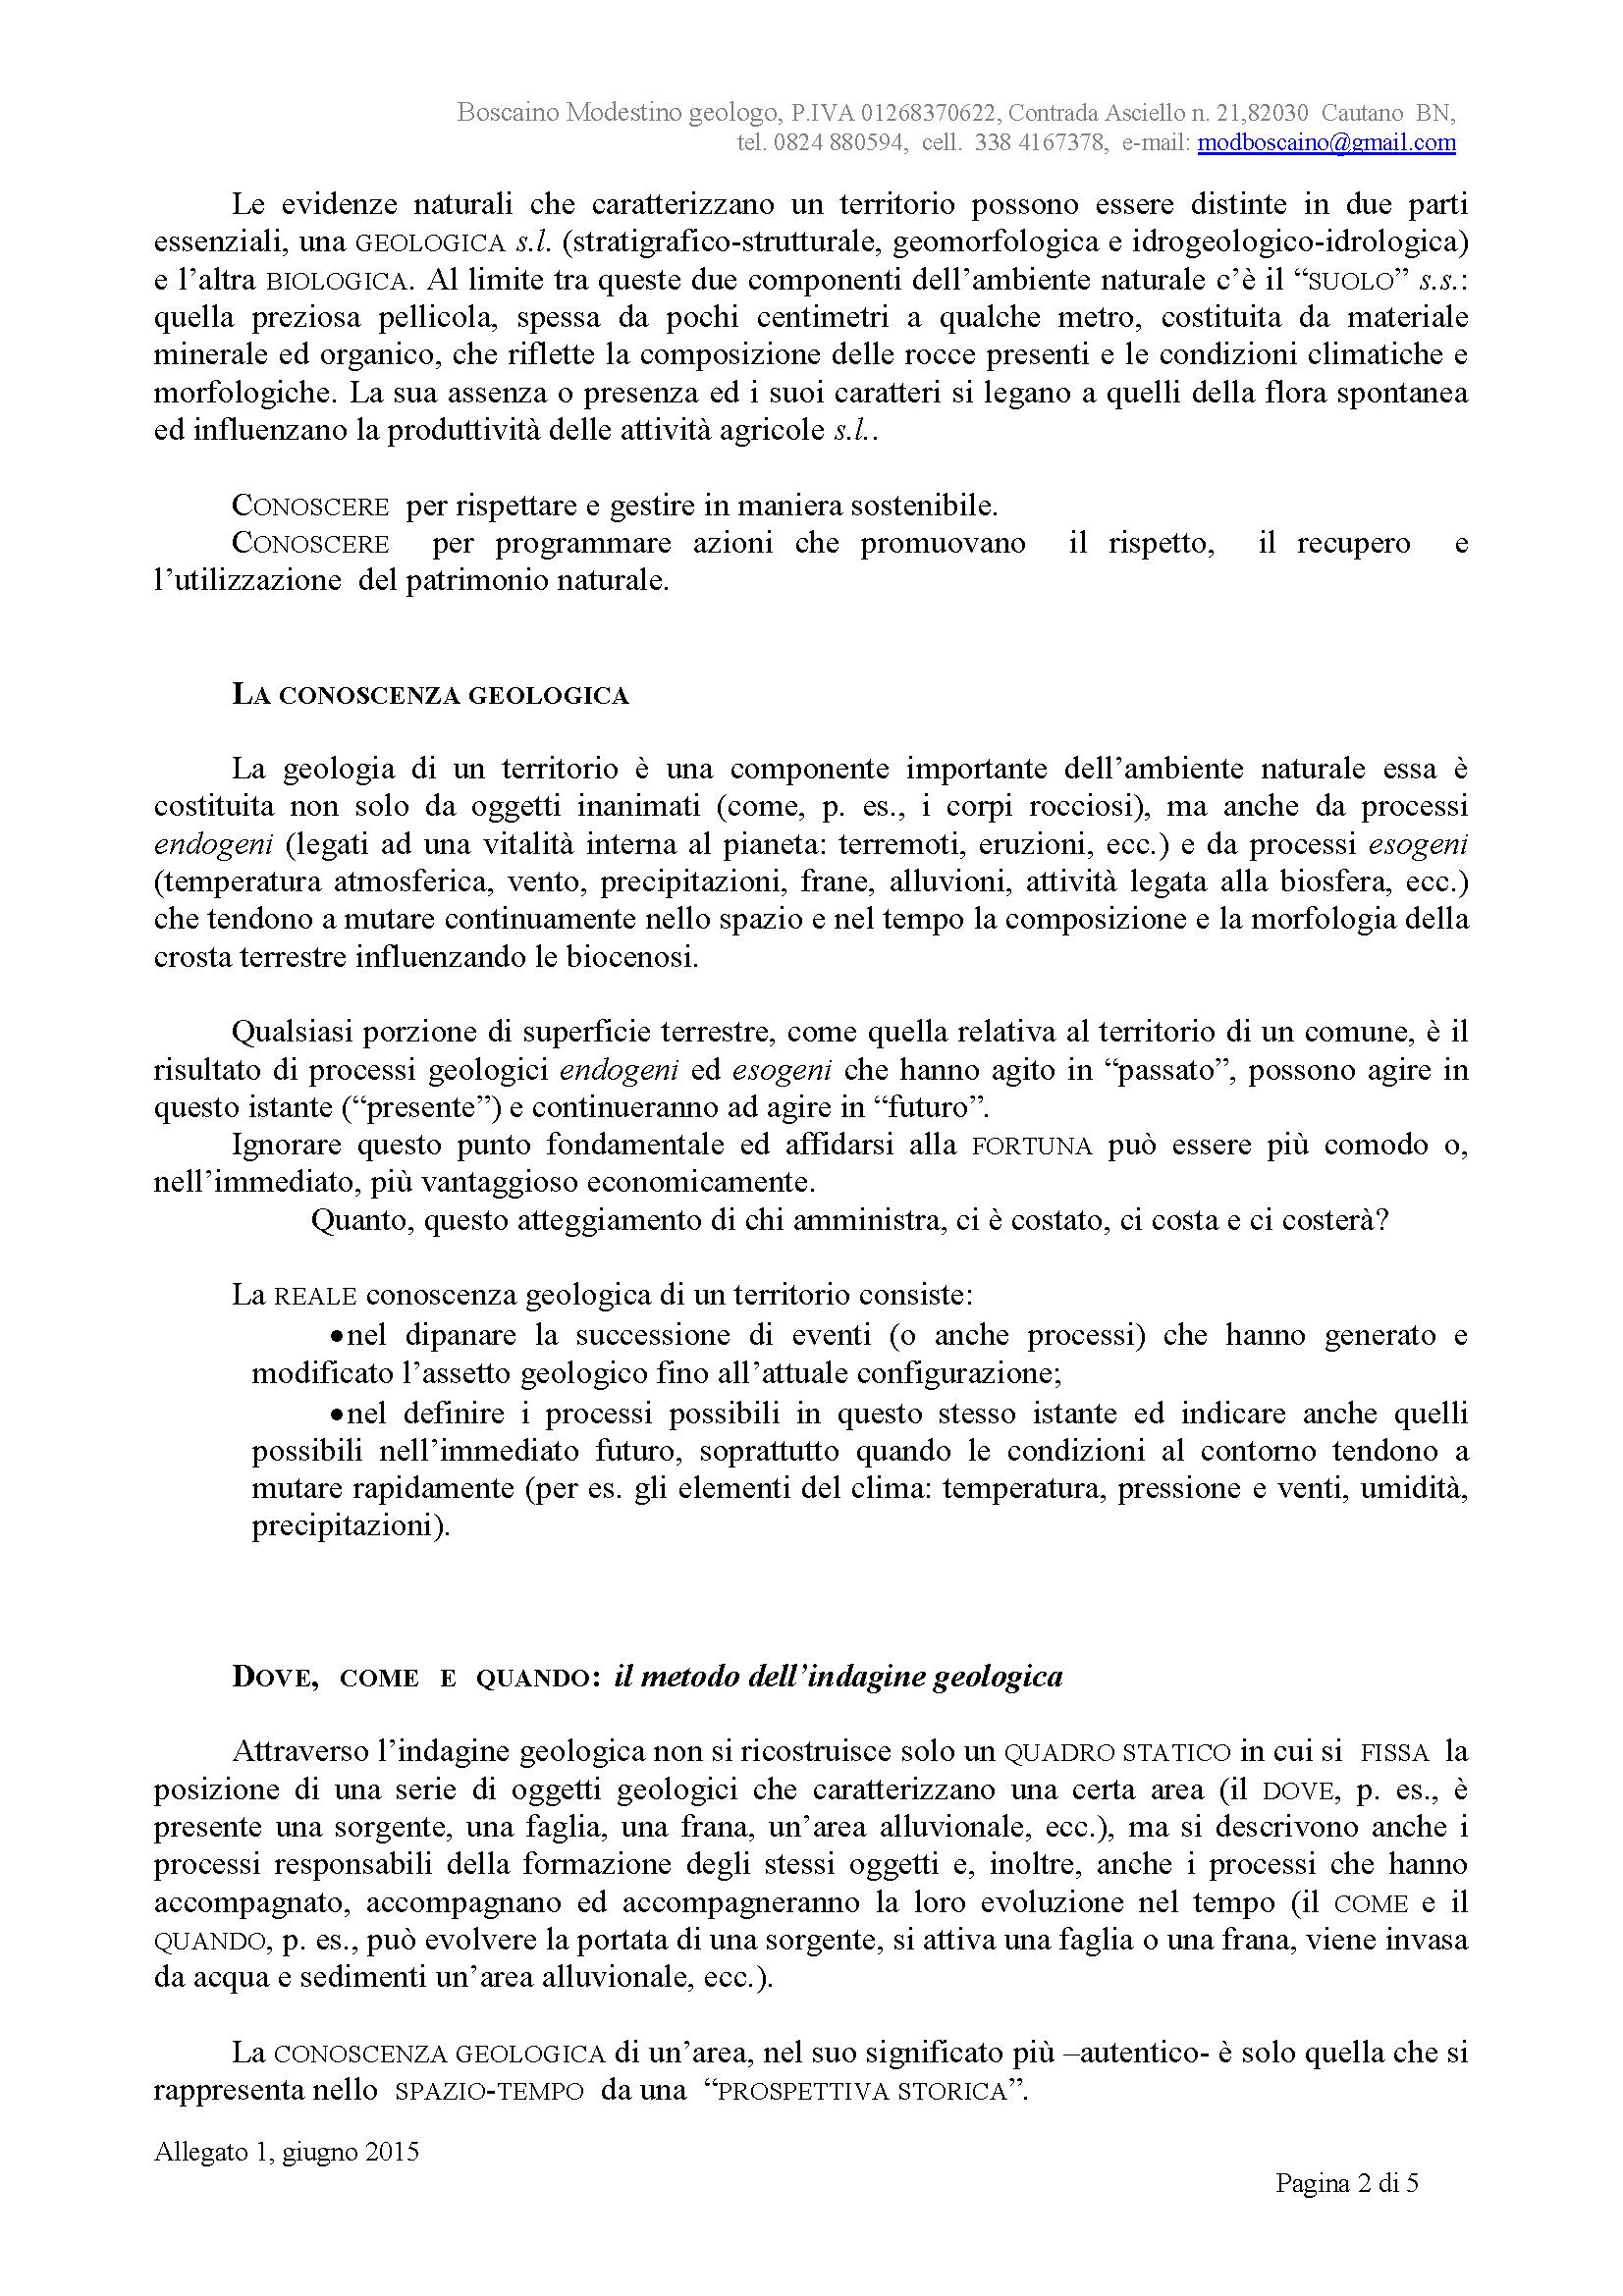 Allegato-2-Appello-ANL-2015_Pagina_5